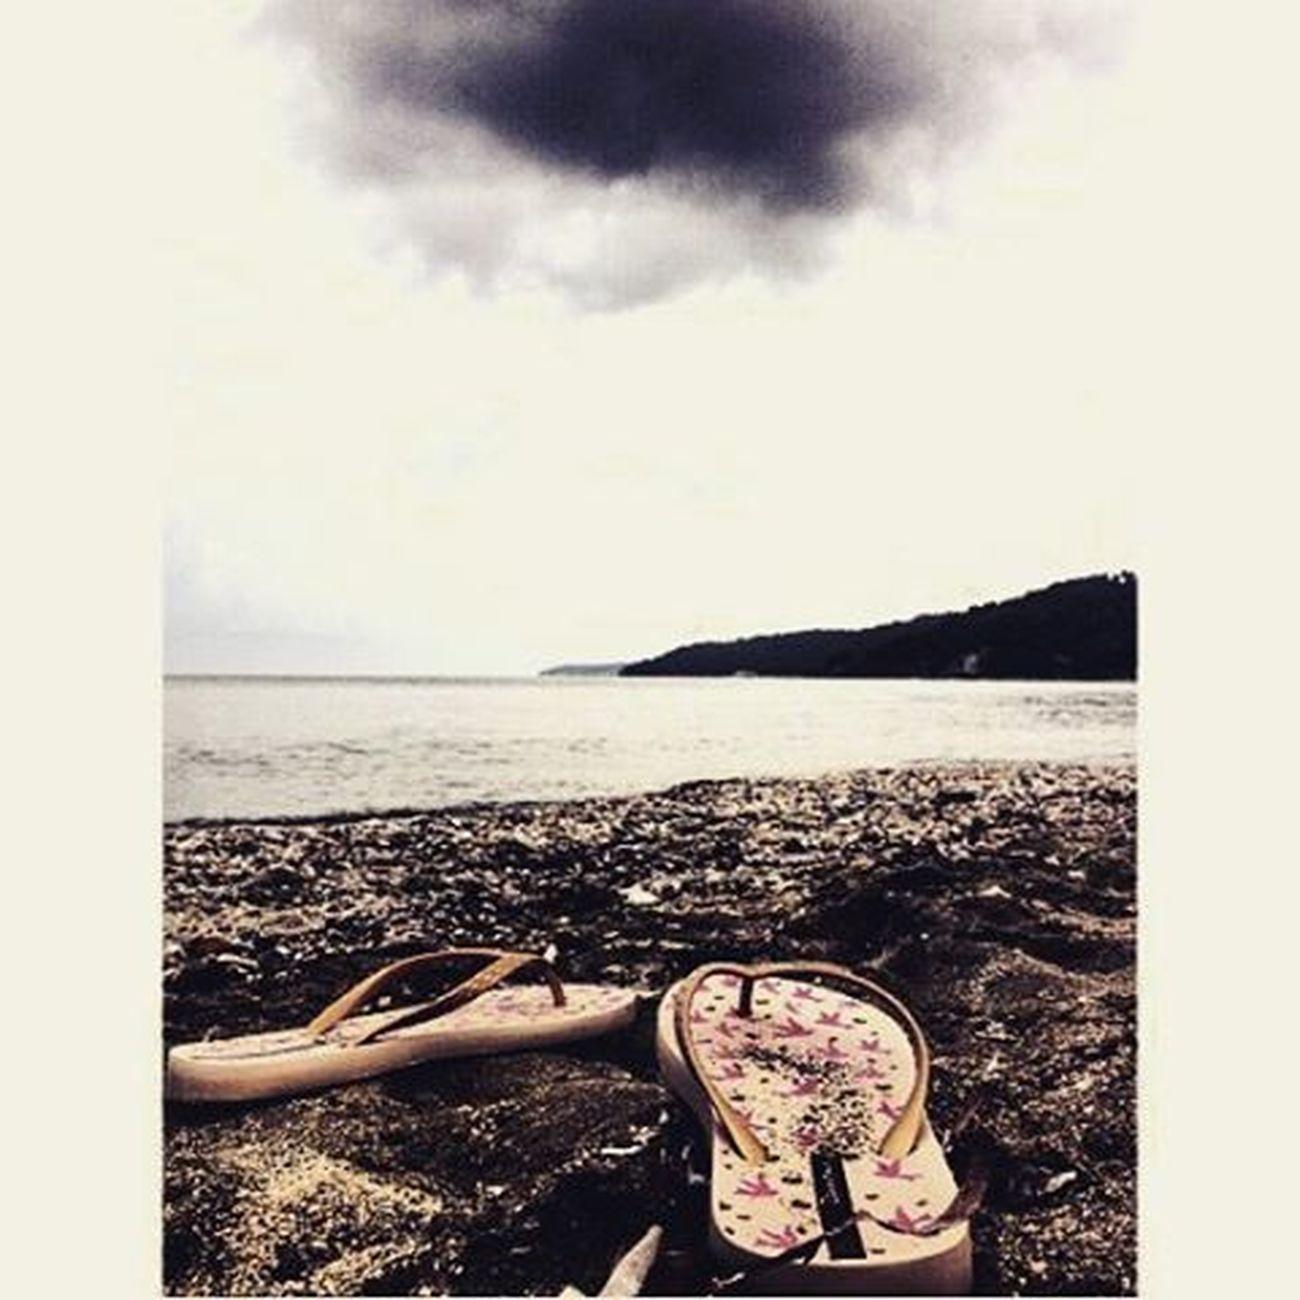 Κάτι τέτοιες καλημέρες.👀 σαμμερδενκανειστηνελλαδα ομορφεσκαλημερεσ Beach Sea Seavoice Clouds Myviewrightnow Beautinessoverload VSCO Vscocam Vscolife Vscoaddict Vscosummer Instagreece Instalifo αγαπάτεψυχές 😚